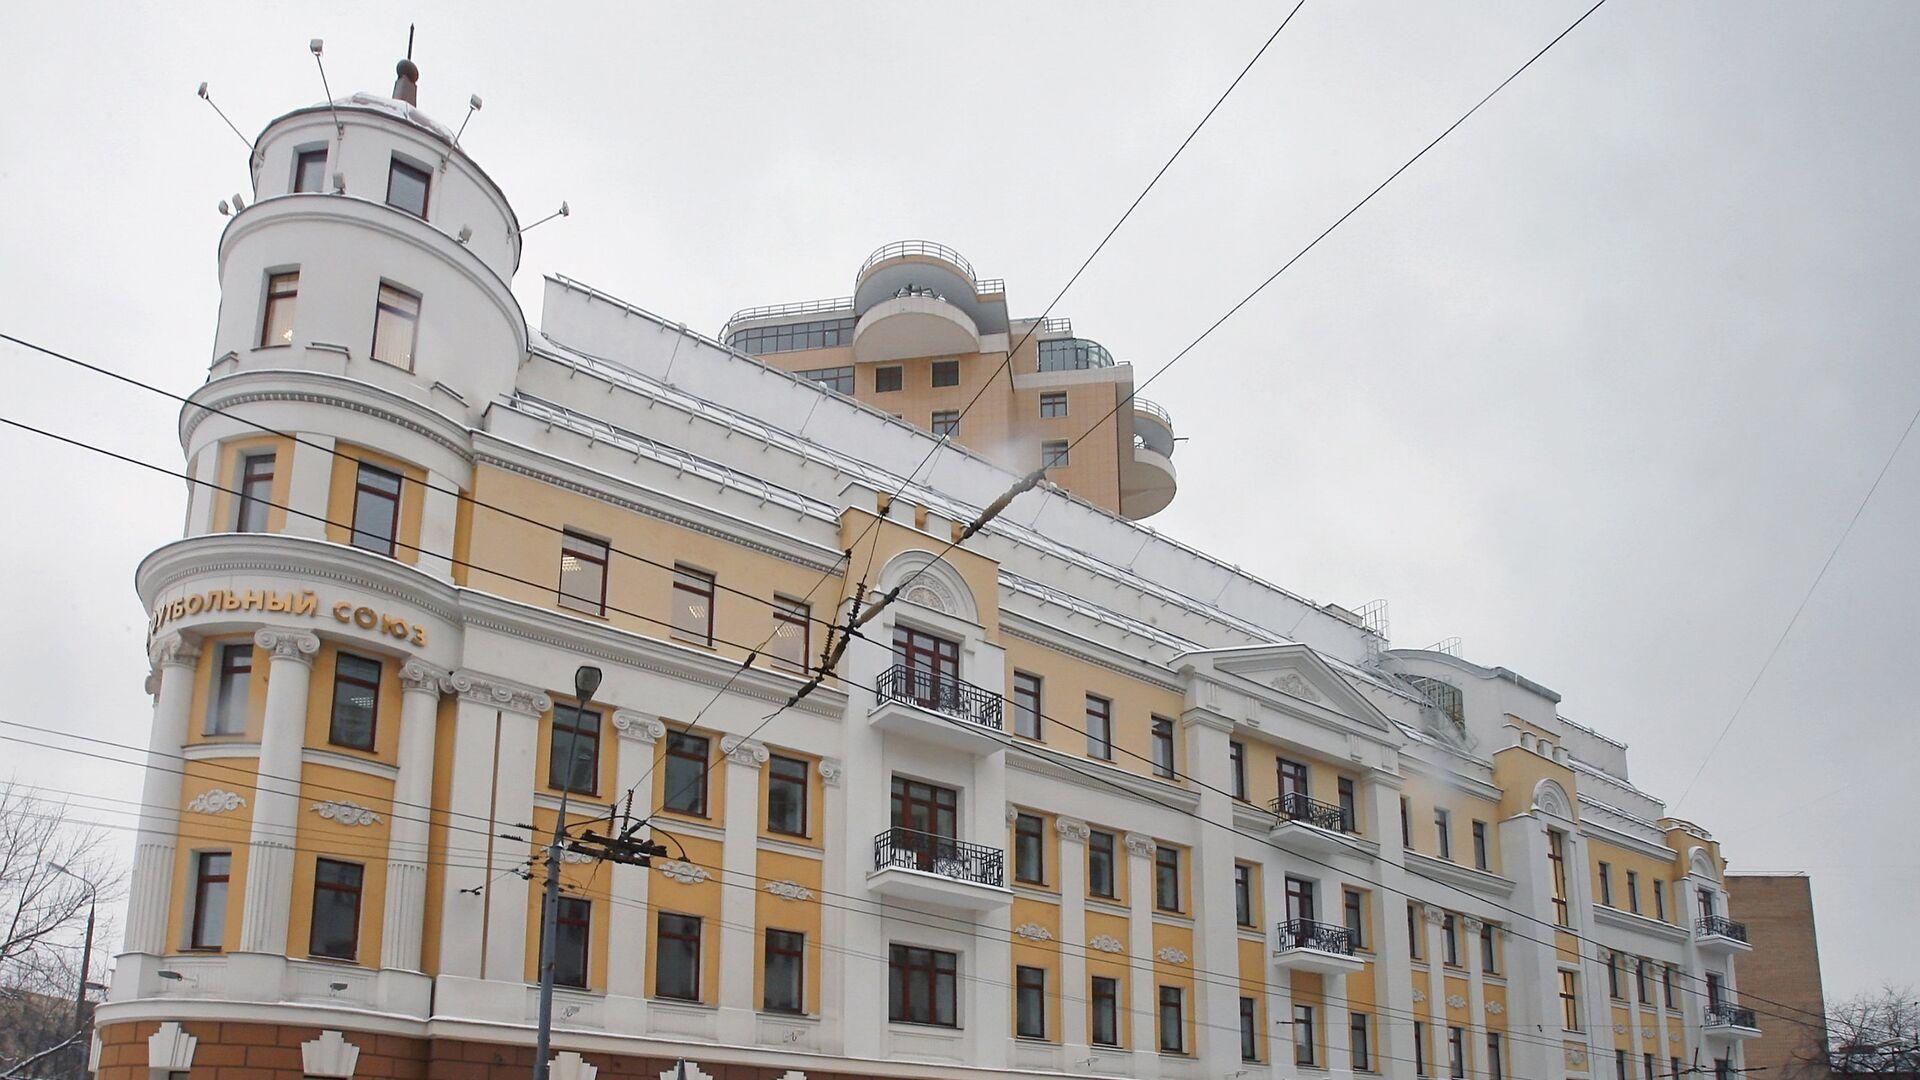 Новое офисное здание Российского футбольного союза (РФС) - РИА Новости, 1920, 18.05.2021